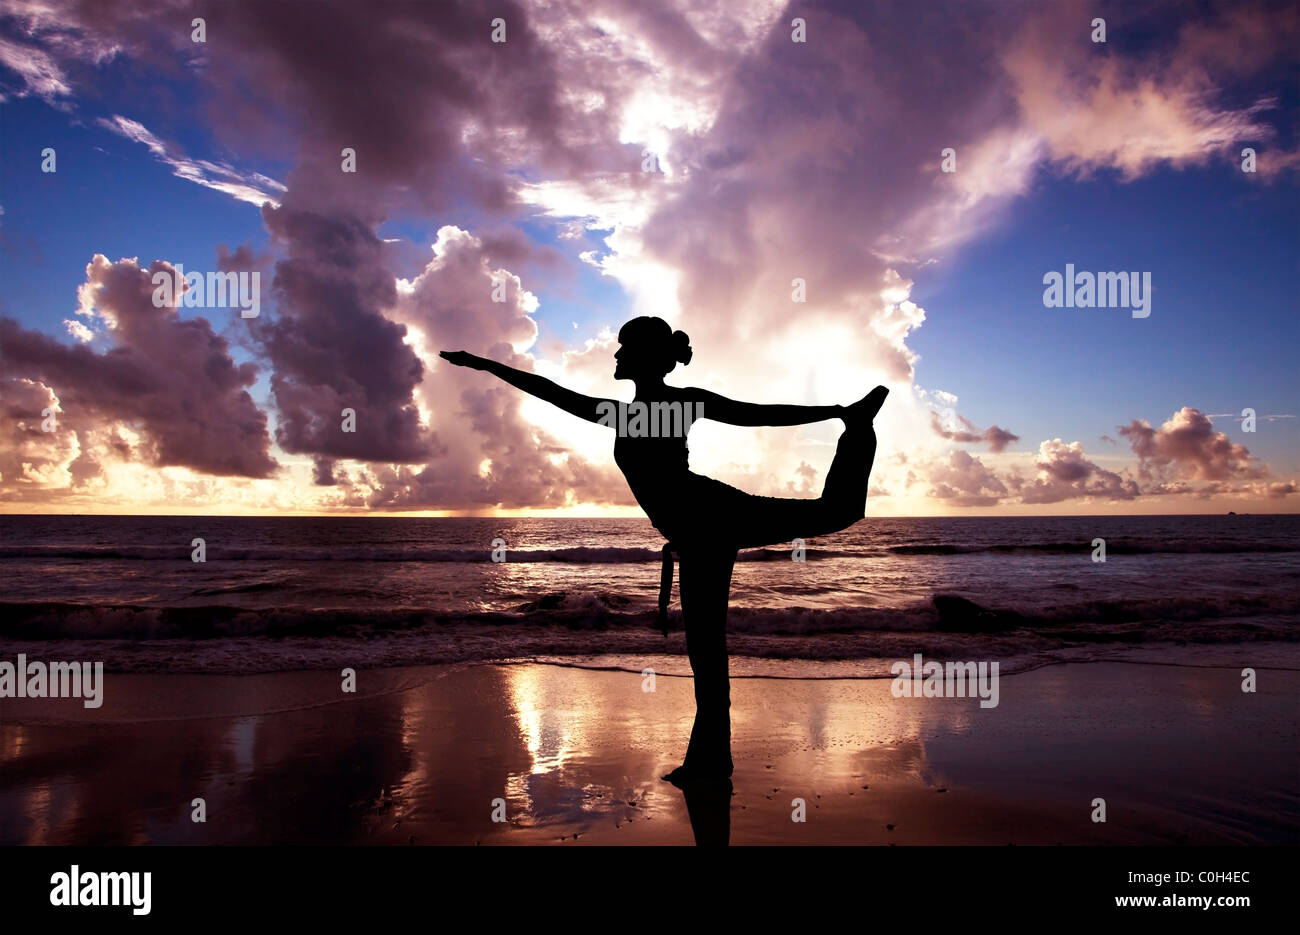 Yoga-Frau am Strand bei Sonnenaufgang Stockbild